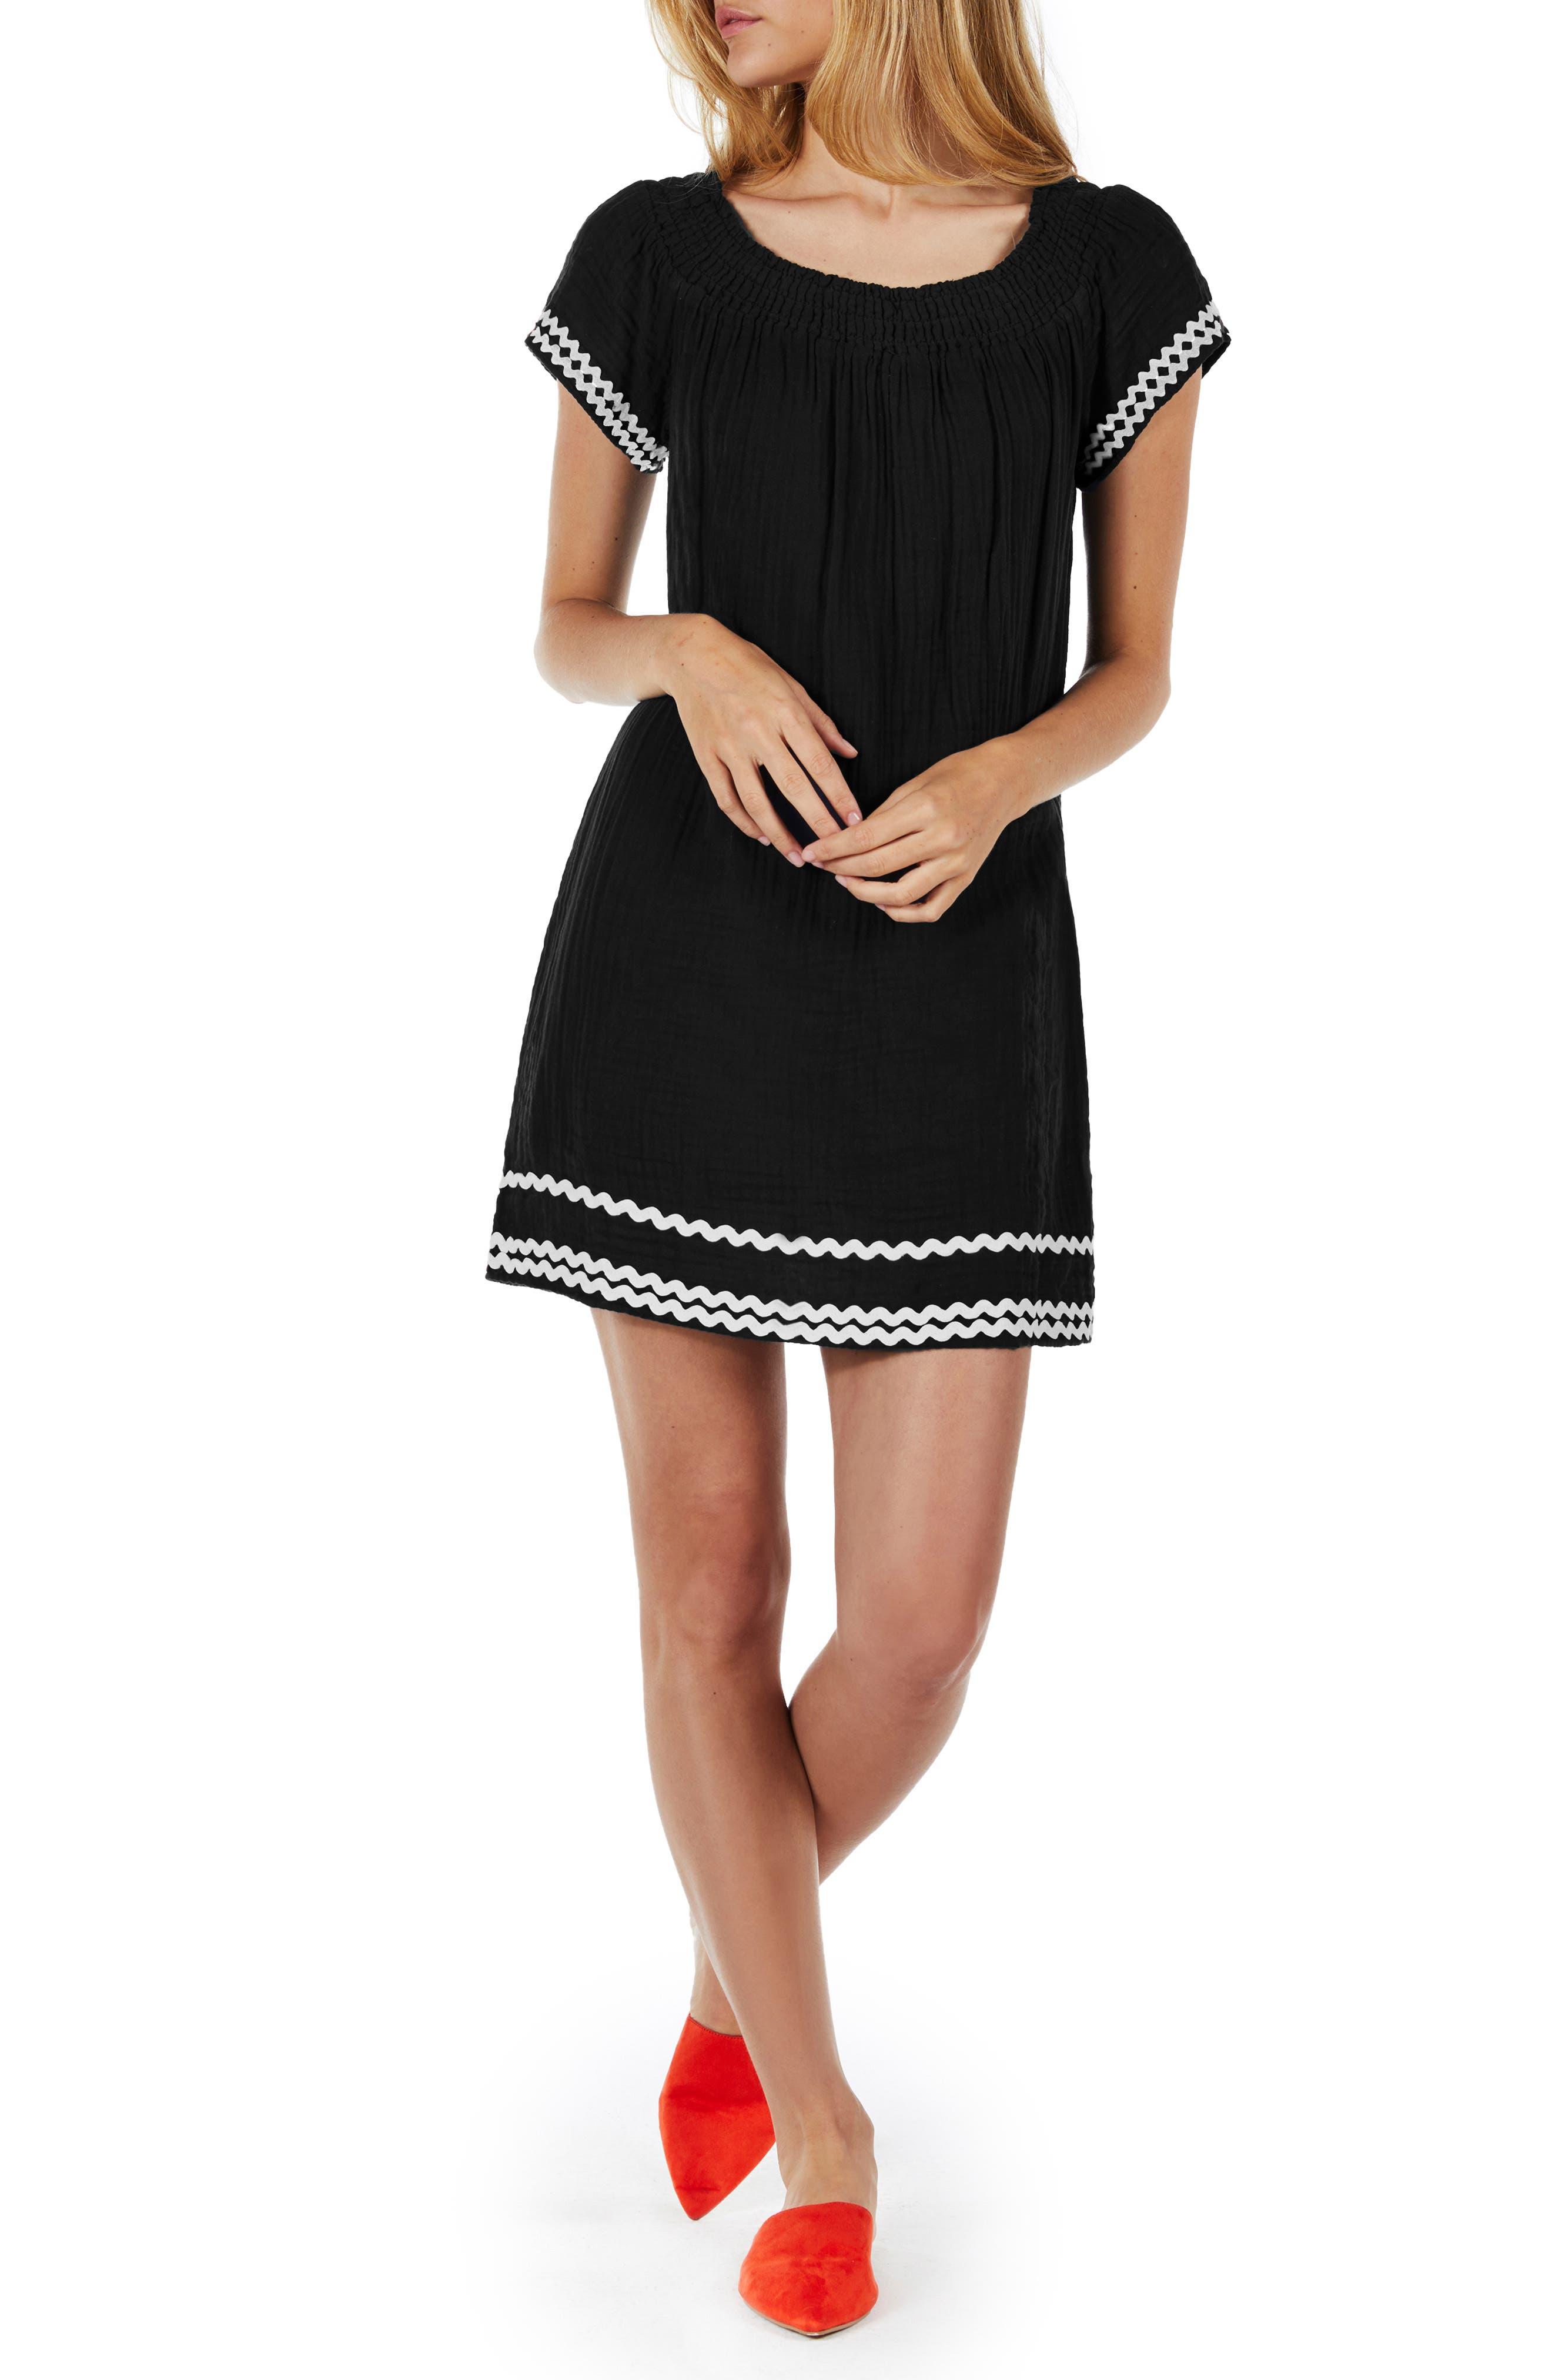 Rickrack Trim Peasant Dress,                         Main,                         color, Black